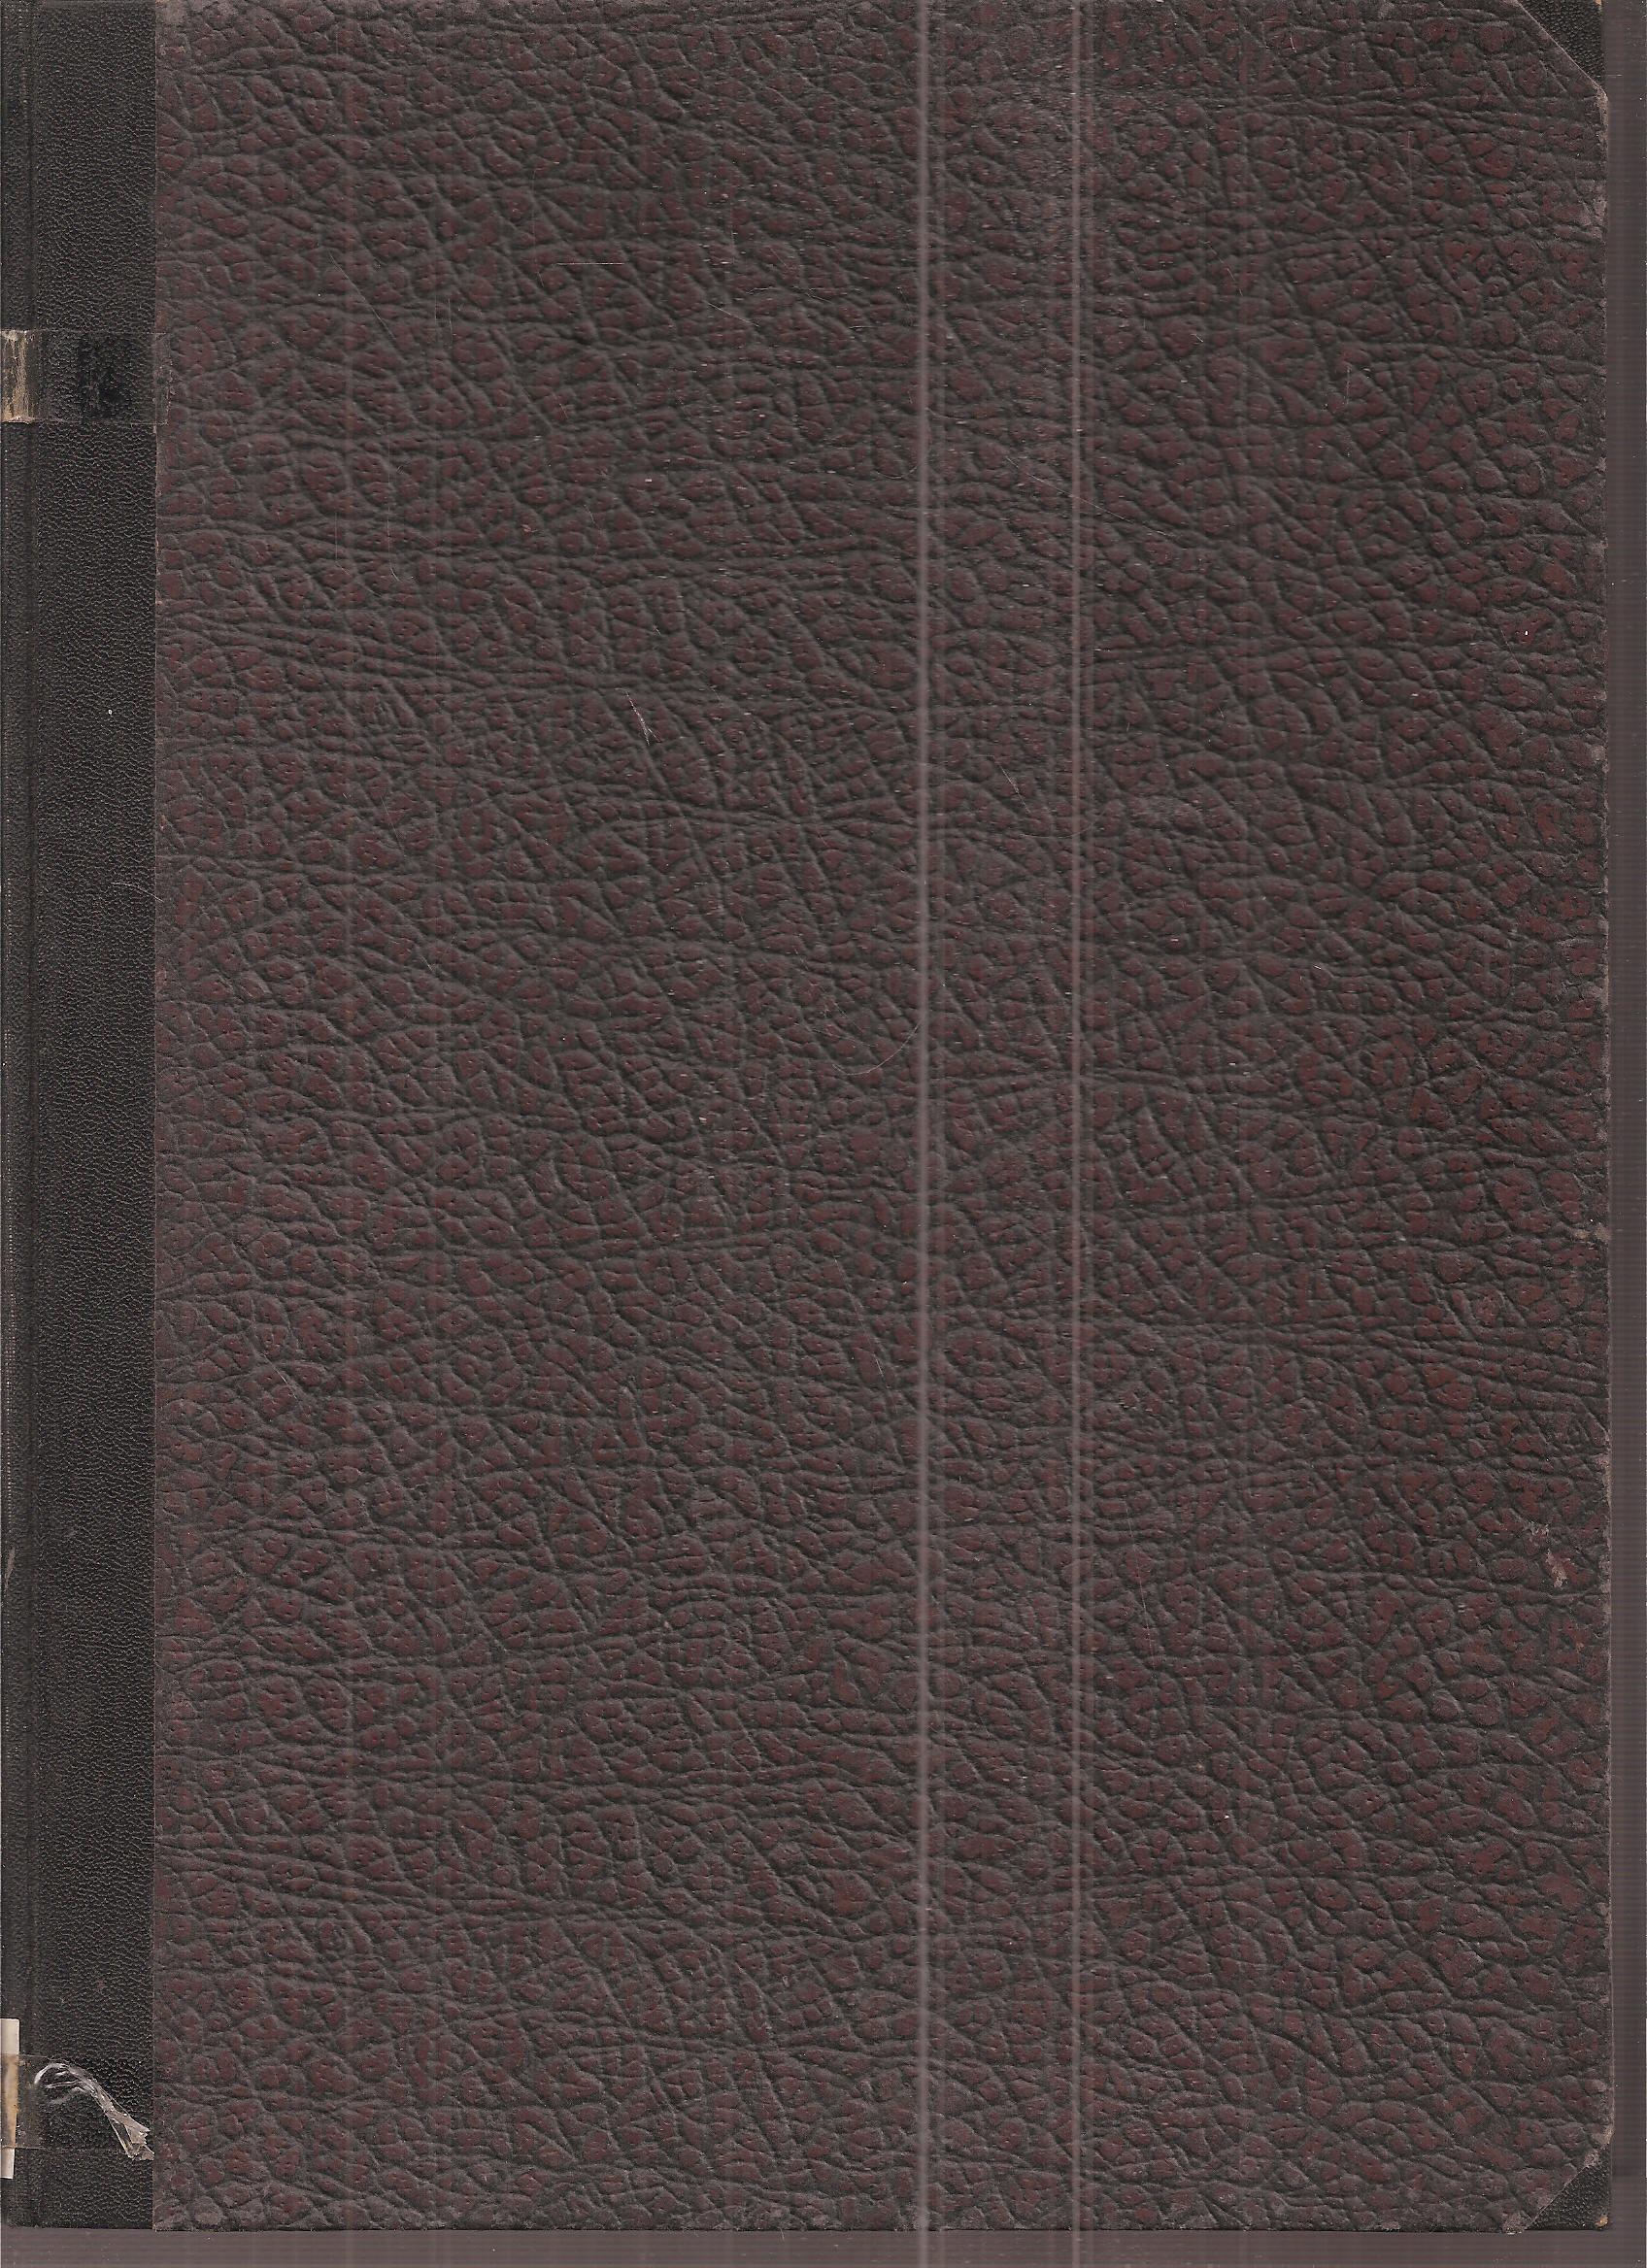 45.Jahrgang 1949.Heft 1 bis 12: Deutsche Lebensmittel-Rundschau